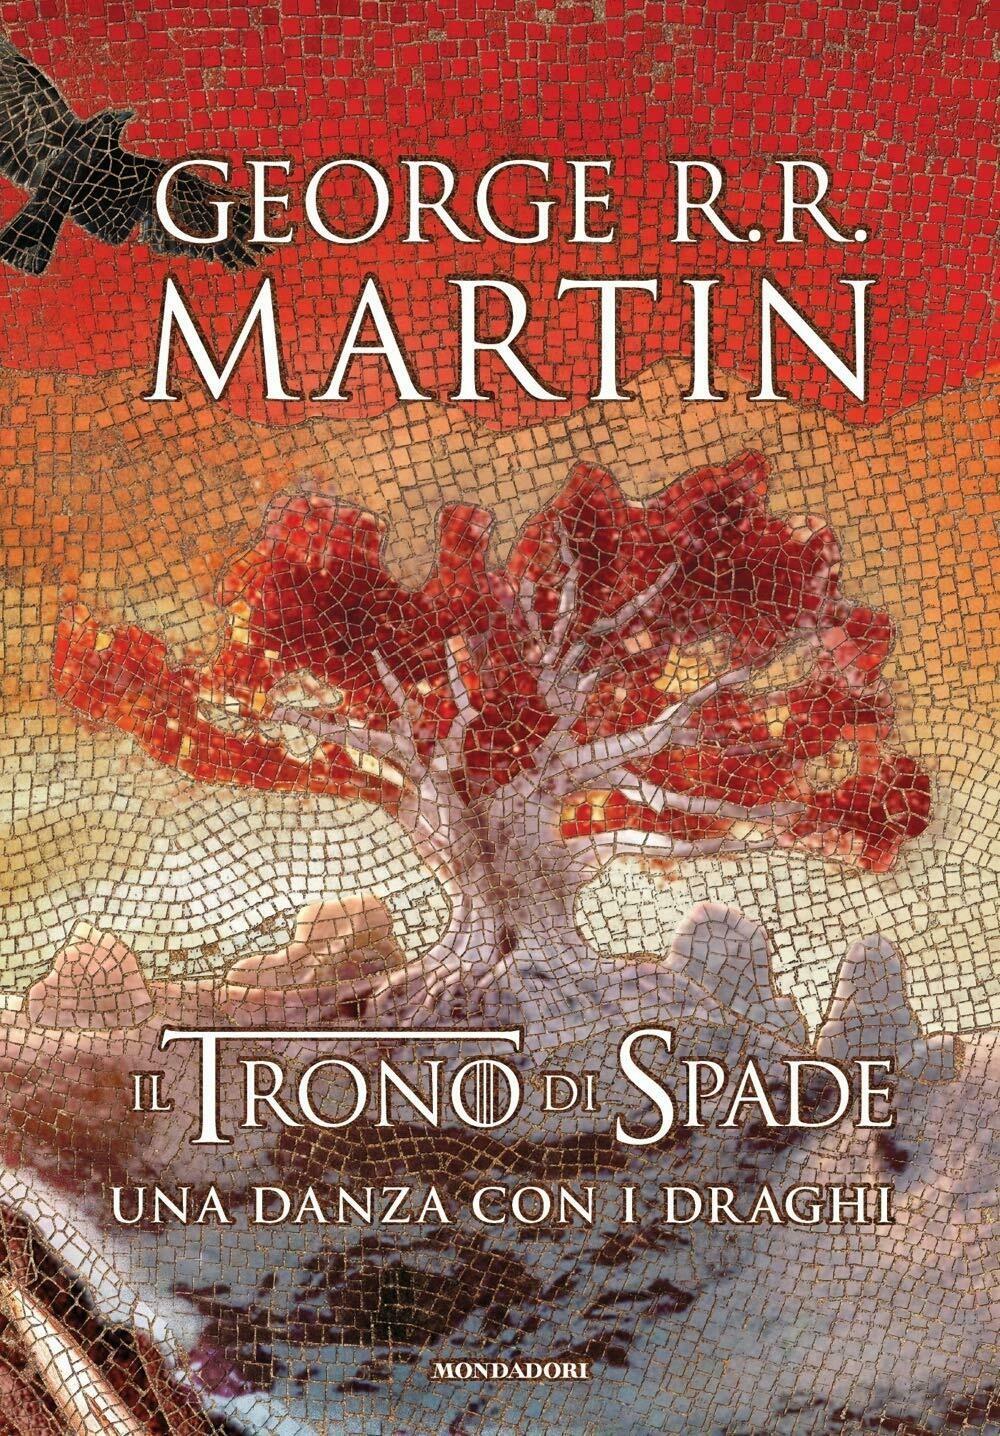 Il trono di spade: 5